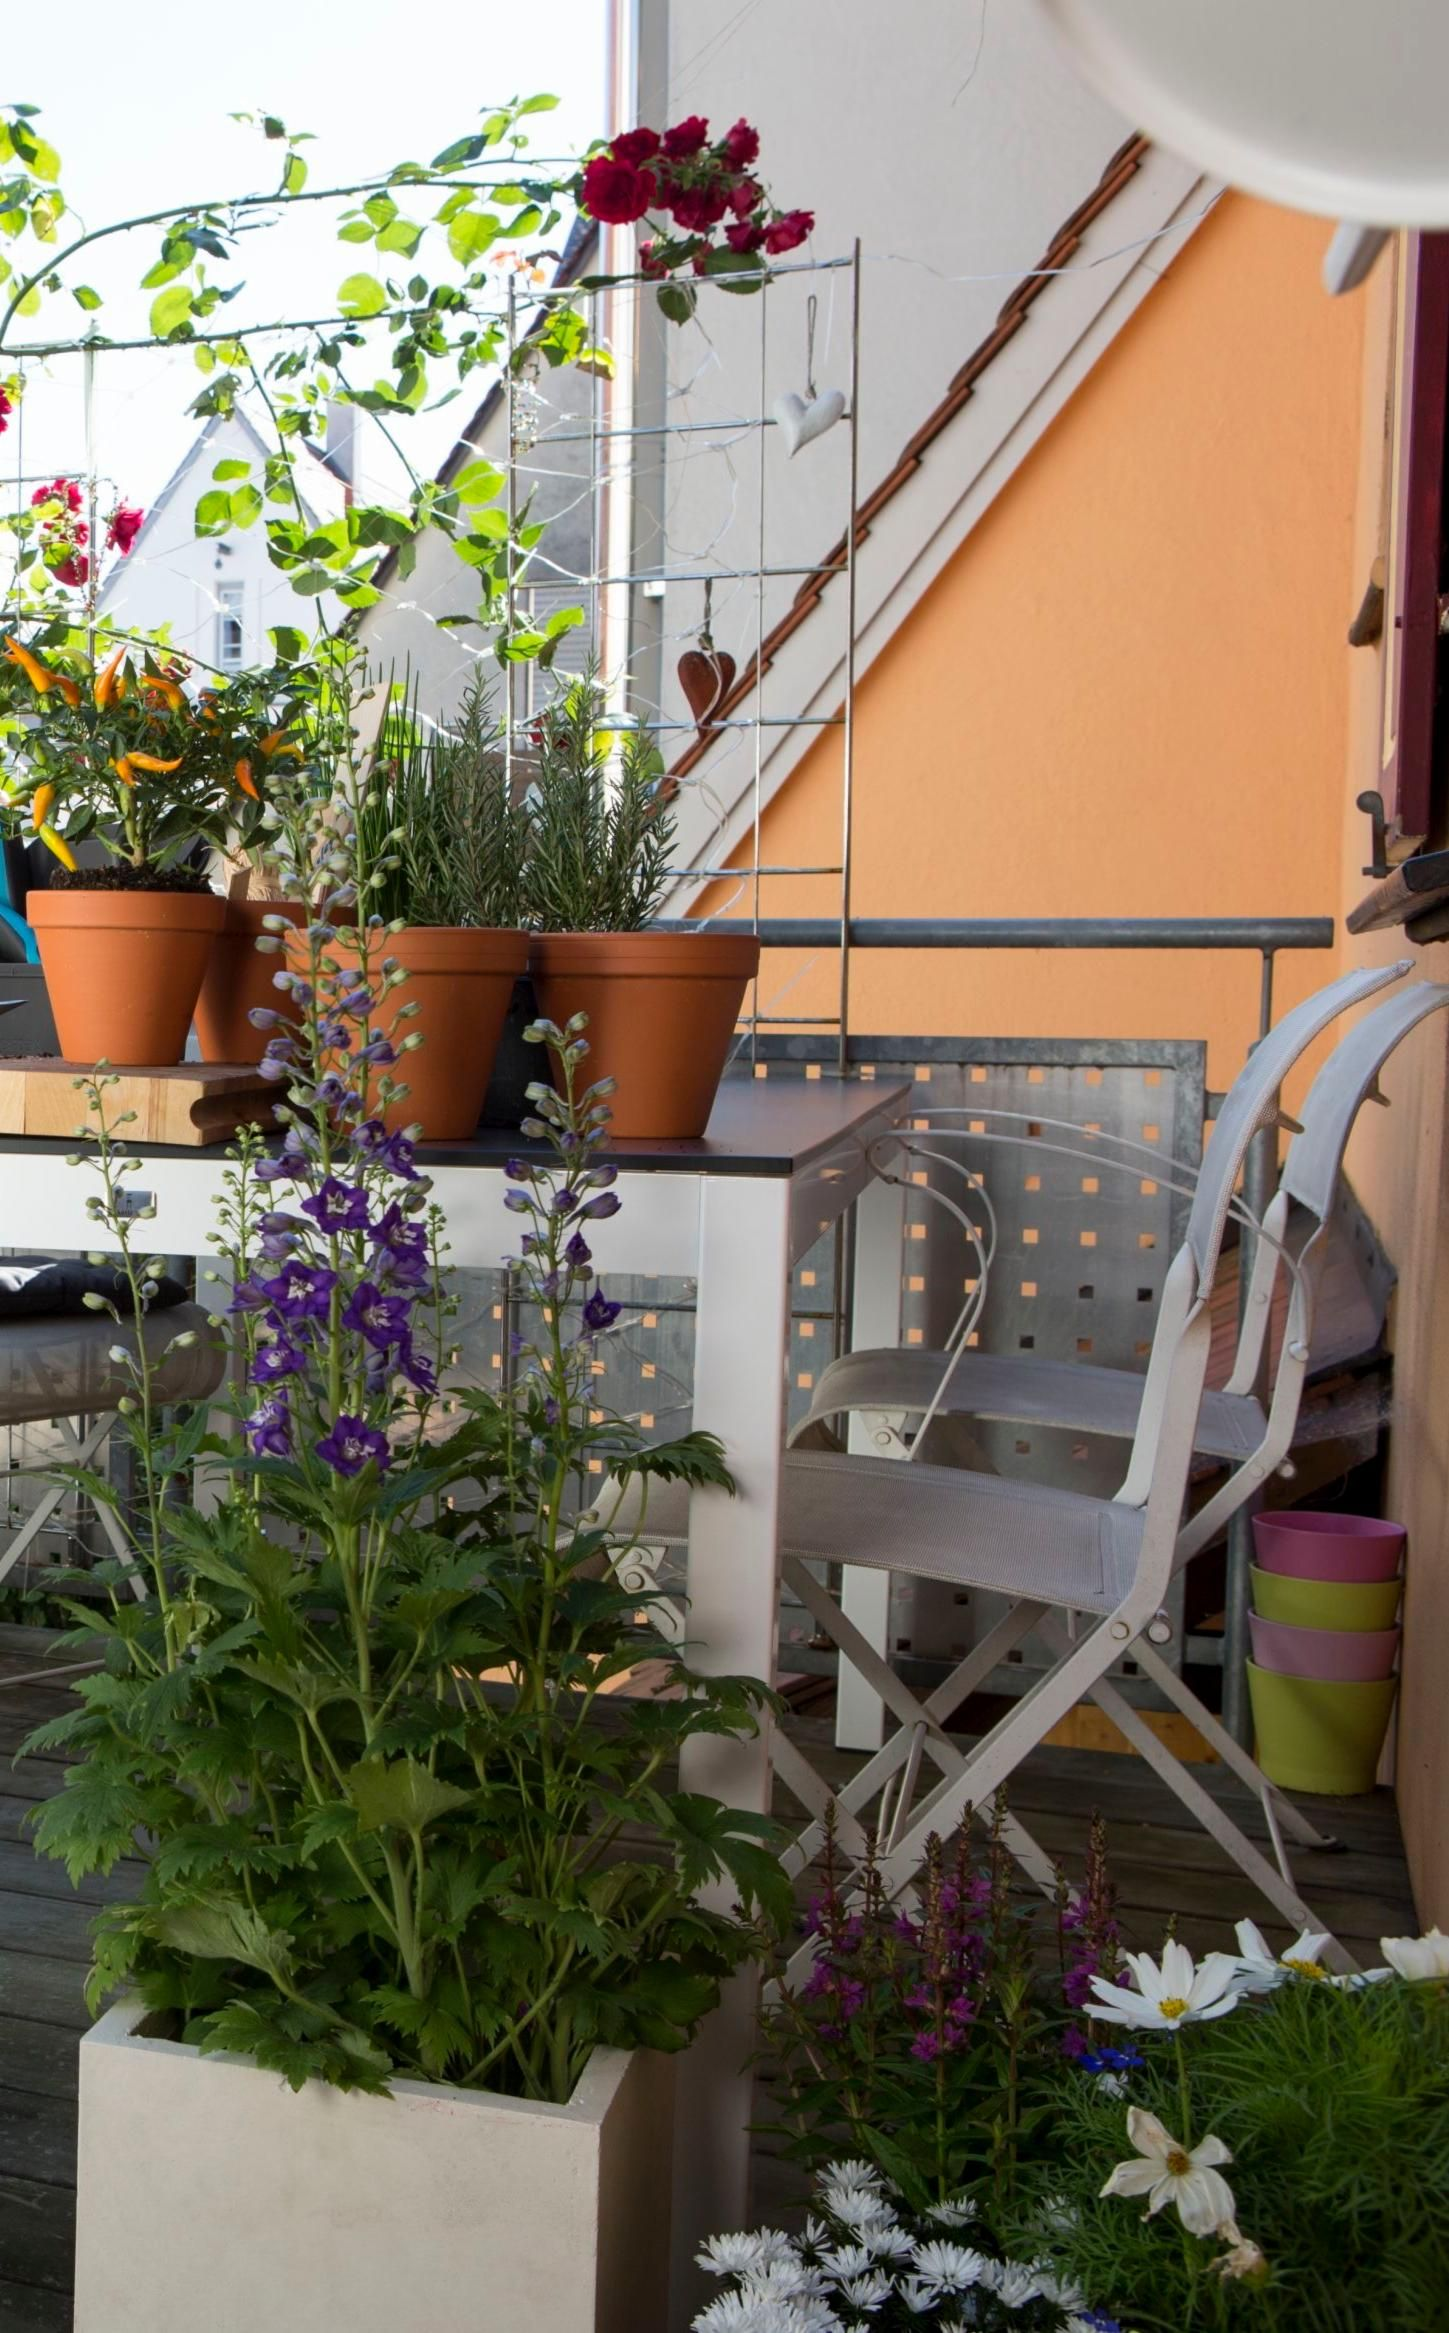 Epingle Sur Planter Et Replanter